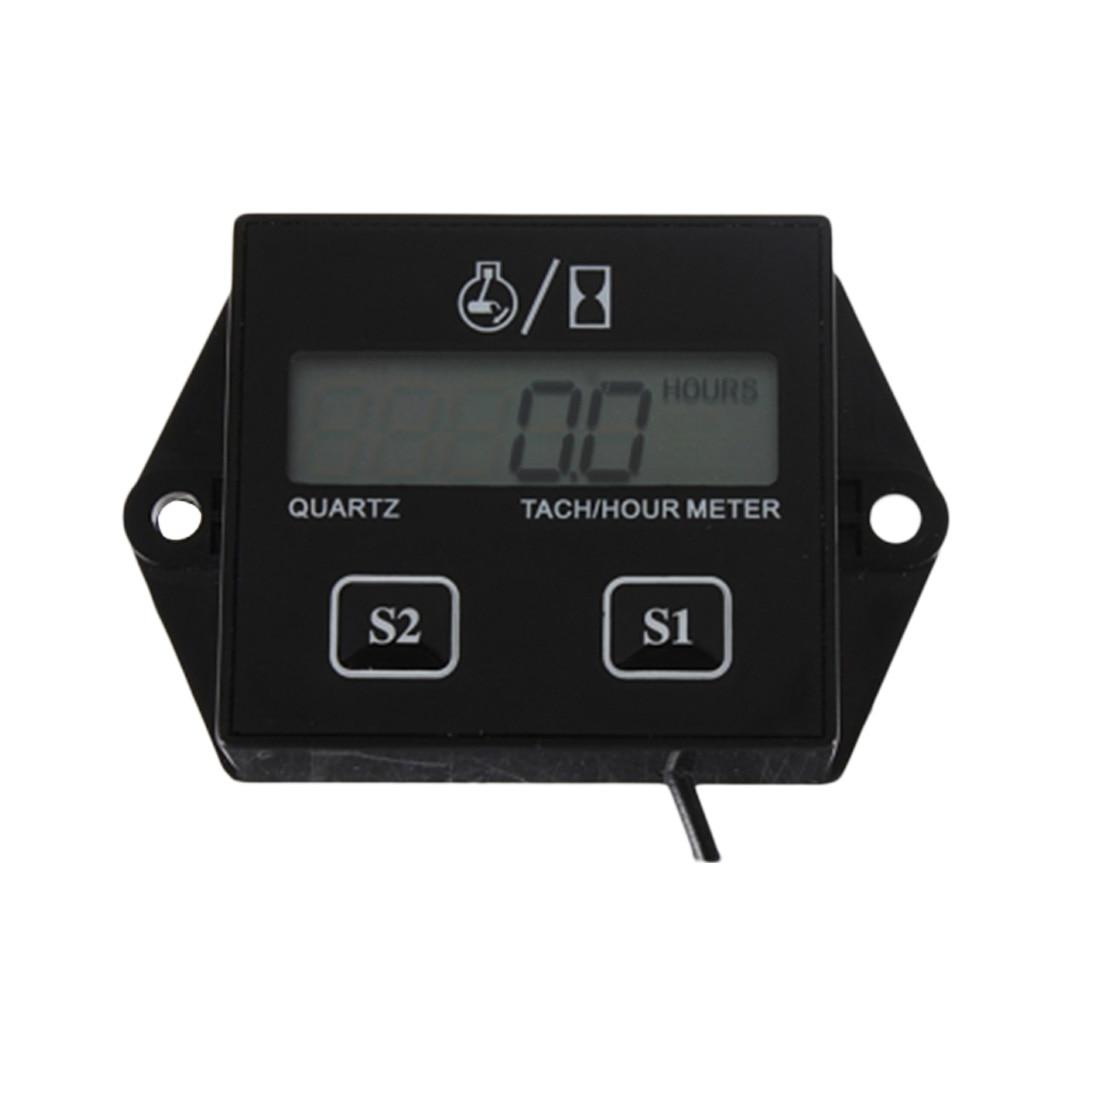 Caliente 1 unid alta calidad digital motor tecnología cronómetro tacómetro inductivo para motocicleta motor tiempos Spark